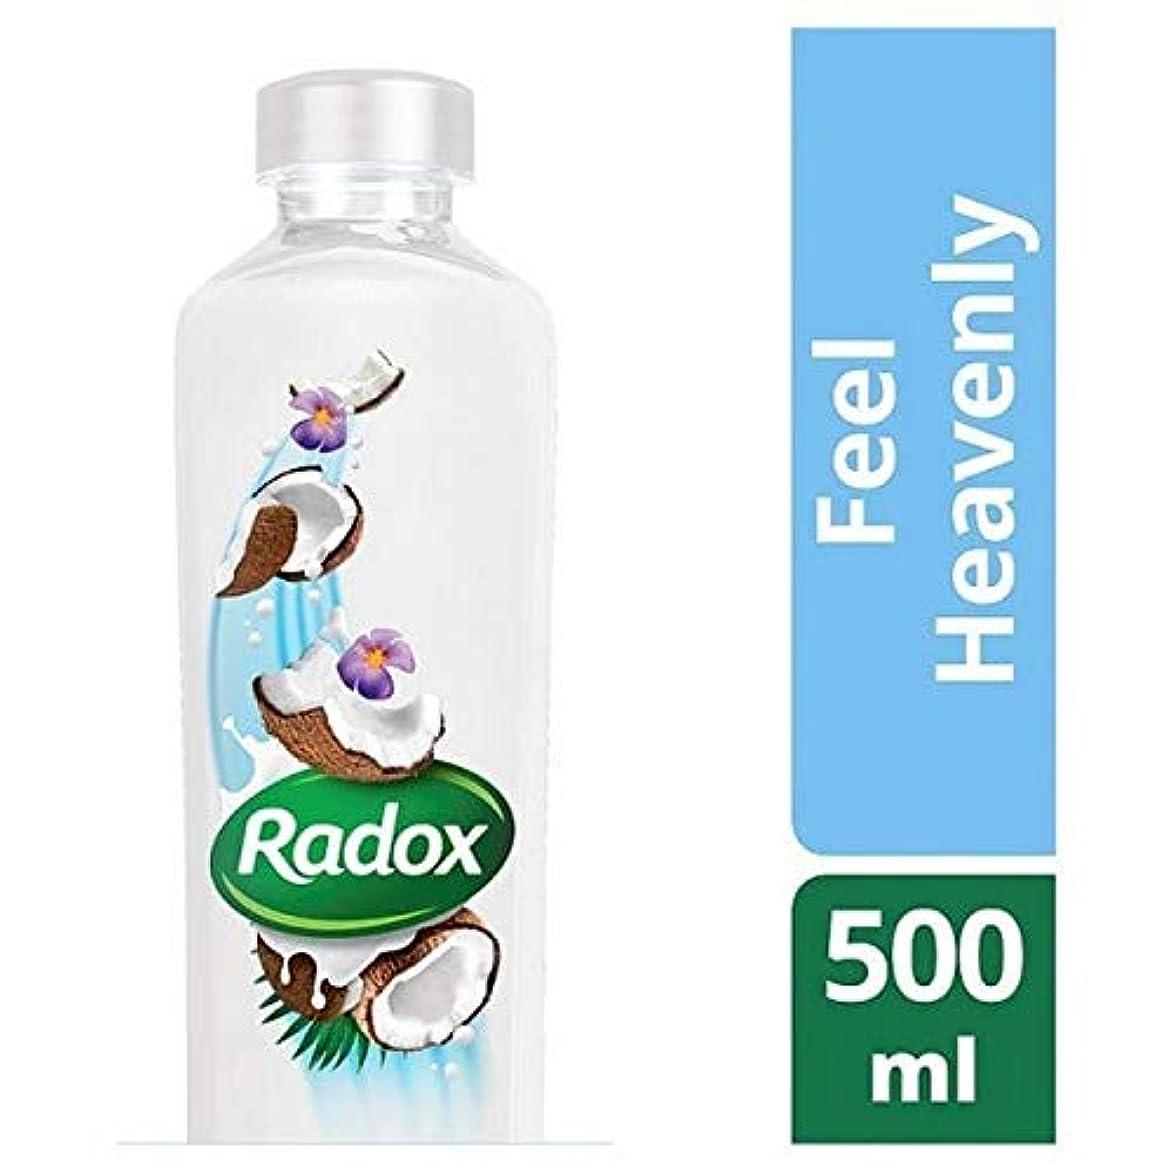 番号サージ備品[Radox] Radoxは天国の500ミリリットルを感じます - Radox Feel Heavenly 500ml [並行輸入品]